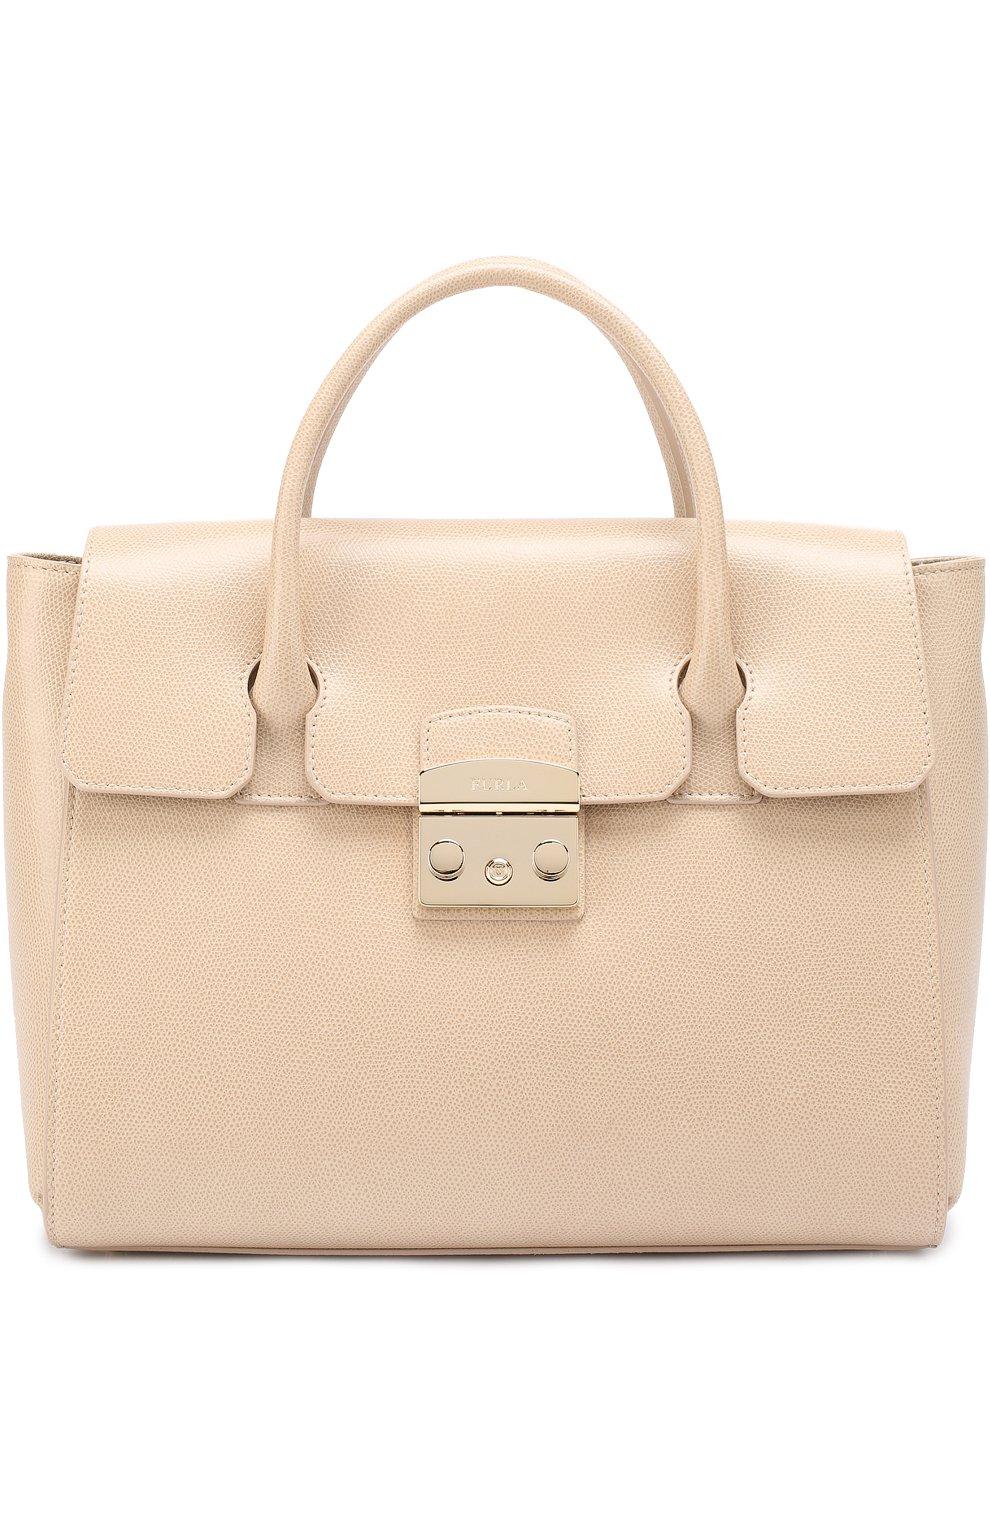 Женская сумка-тоут metropolis FURLA бежевого цвета — купить за 33500 ... 1e6efe88183